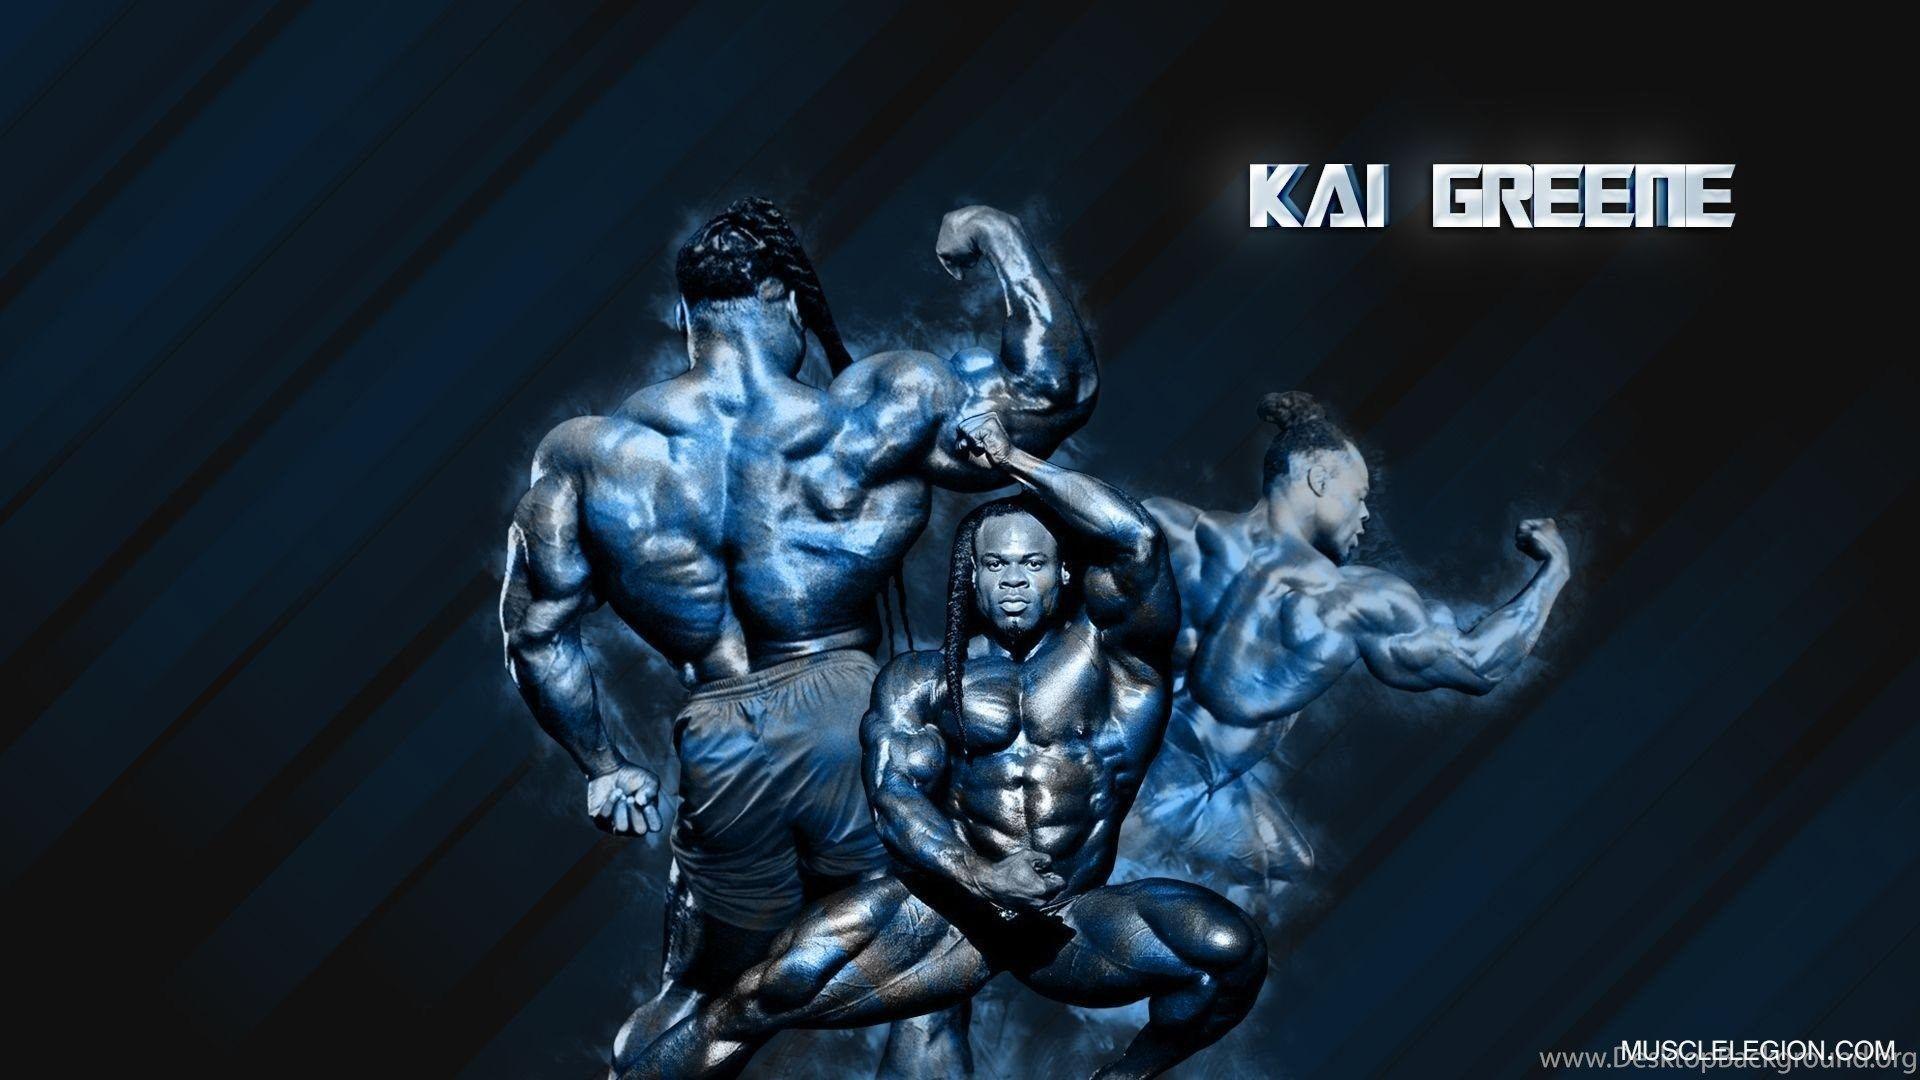 Wallpapers Kai Greene Muscle Legion 1920x1080 Desktop Background